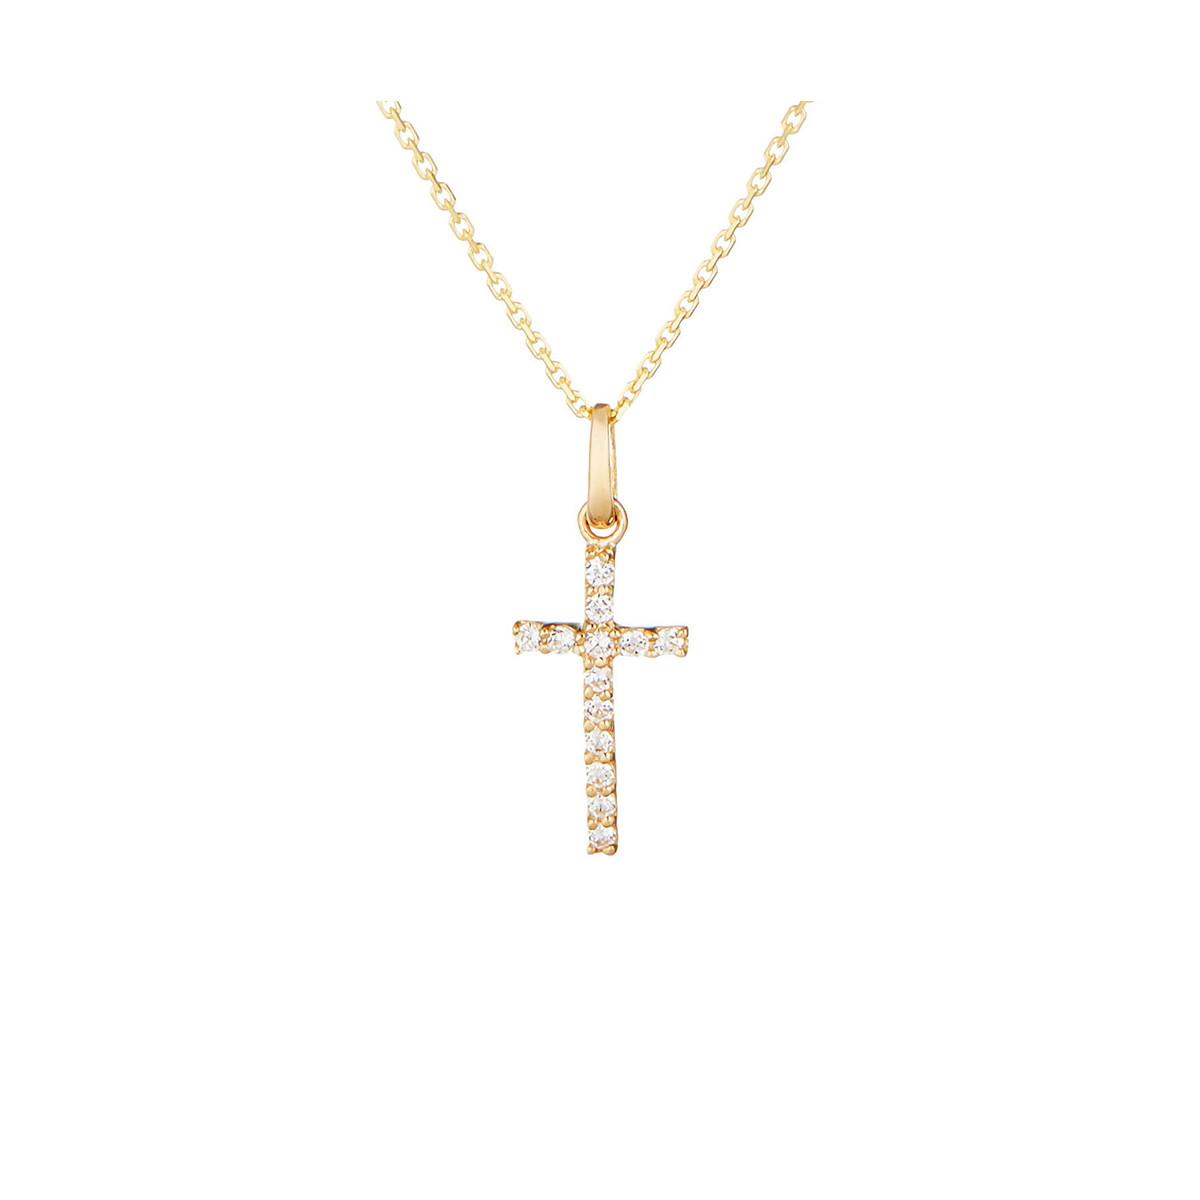 Pendentif croix Or Jaune 375/1000 et Zirconium